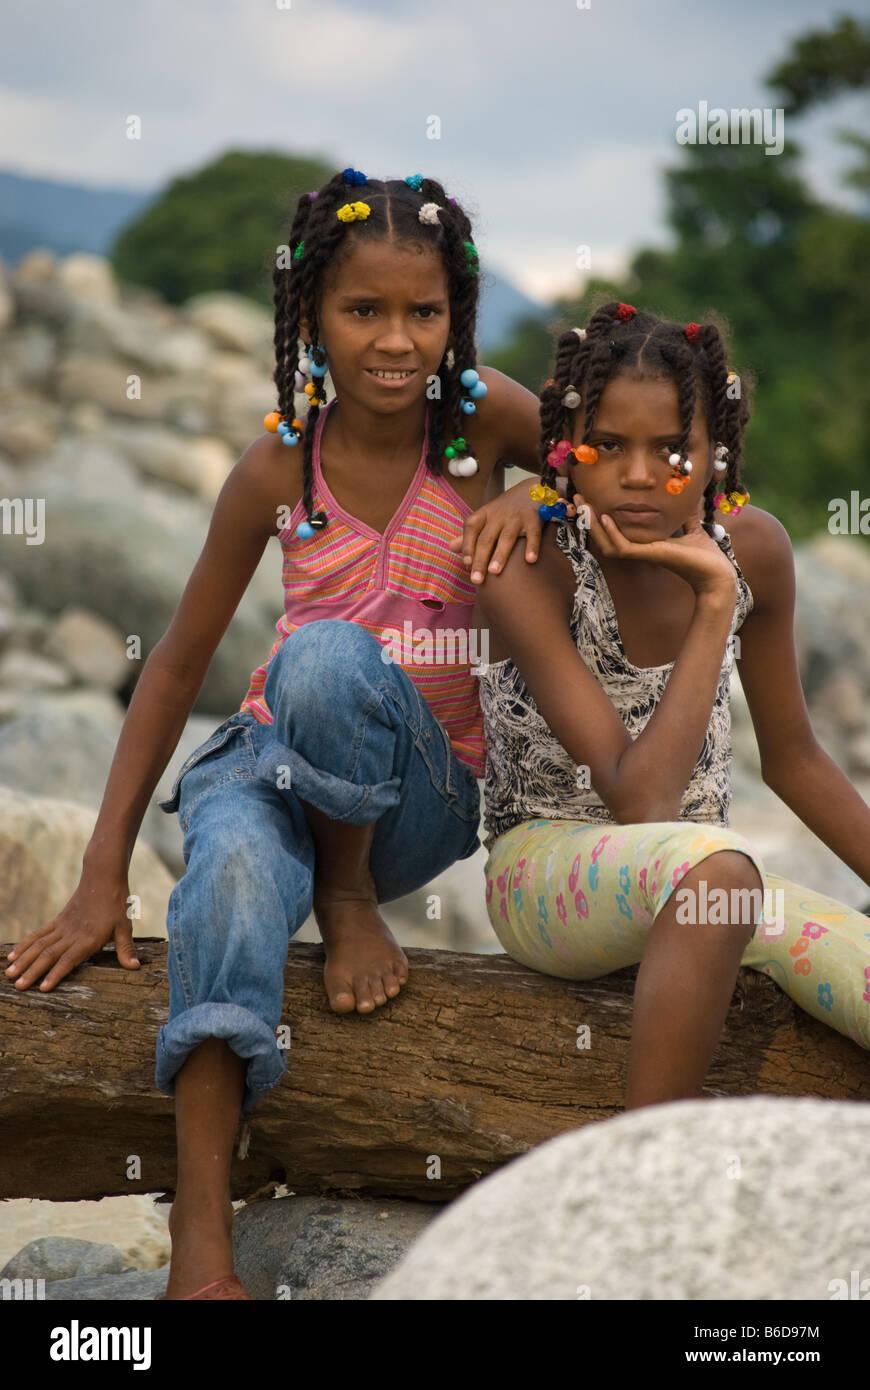 Hermandad feliz incluso en la pobreza Imagen De Stock